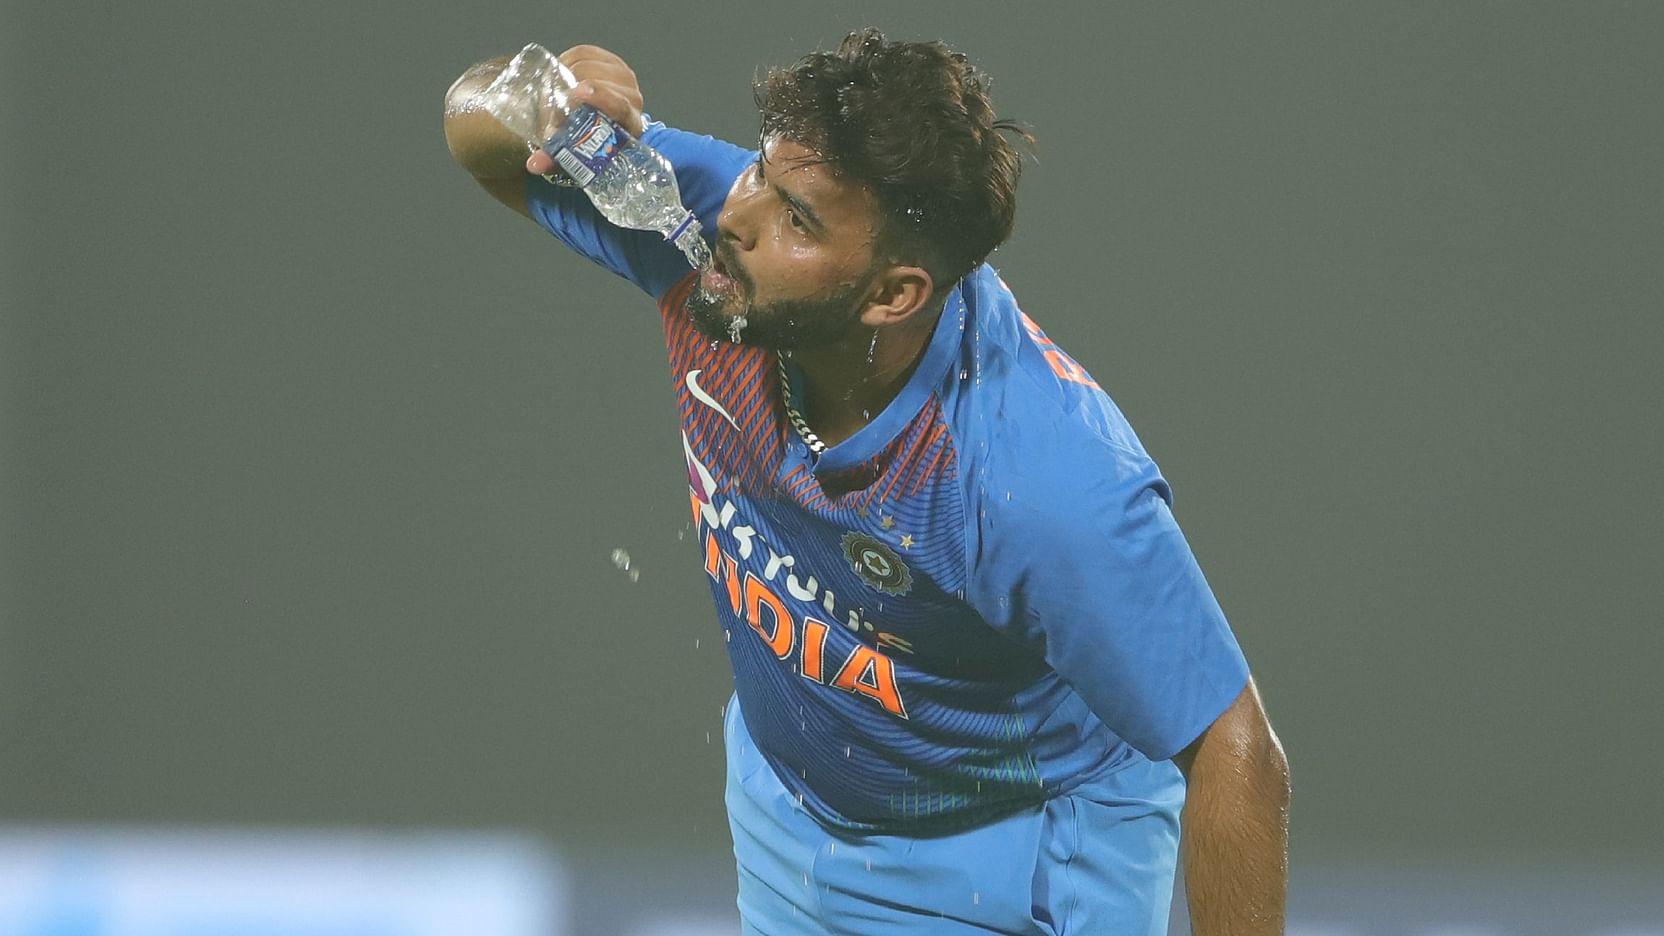 IND vs SA : वनडे सीरीज में पानी पिलाते ही नजर आएंगे ये 4 भारतीय खिलाड़ी 11